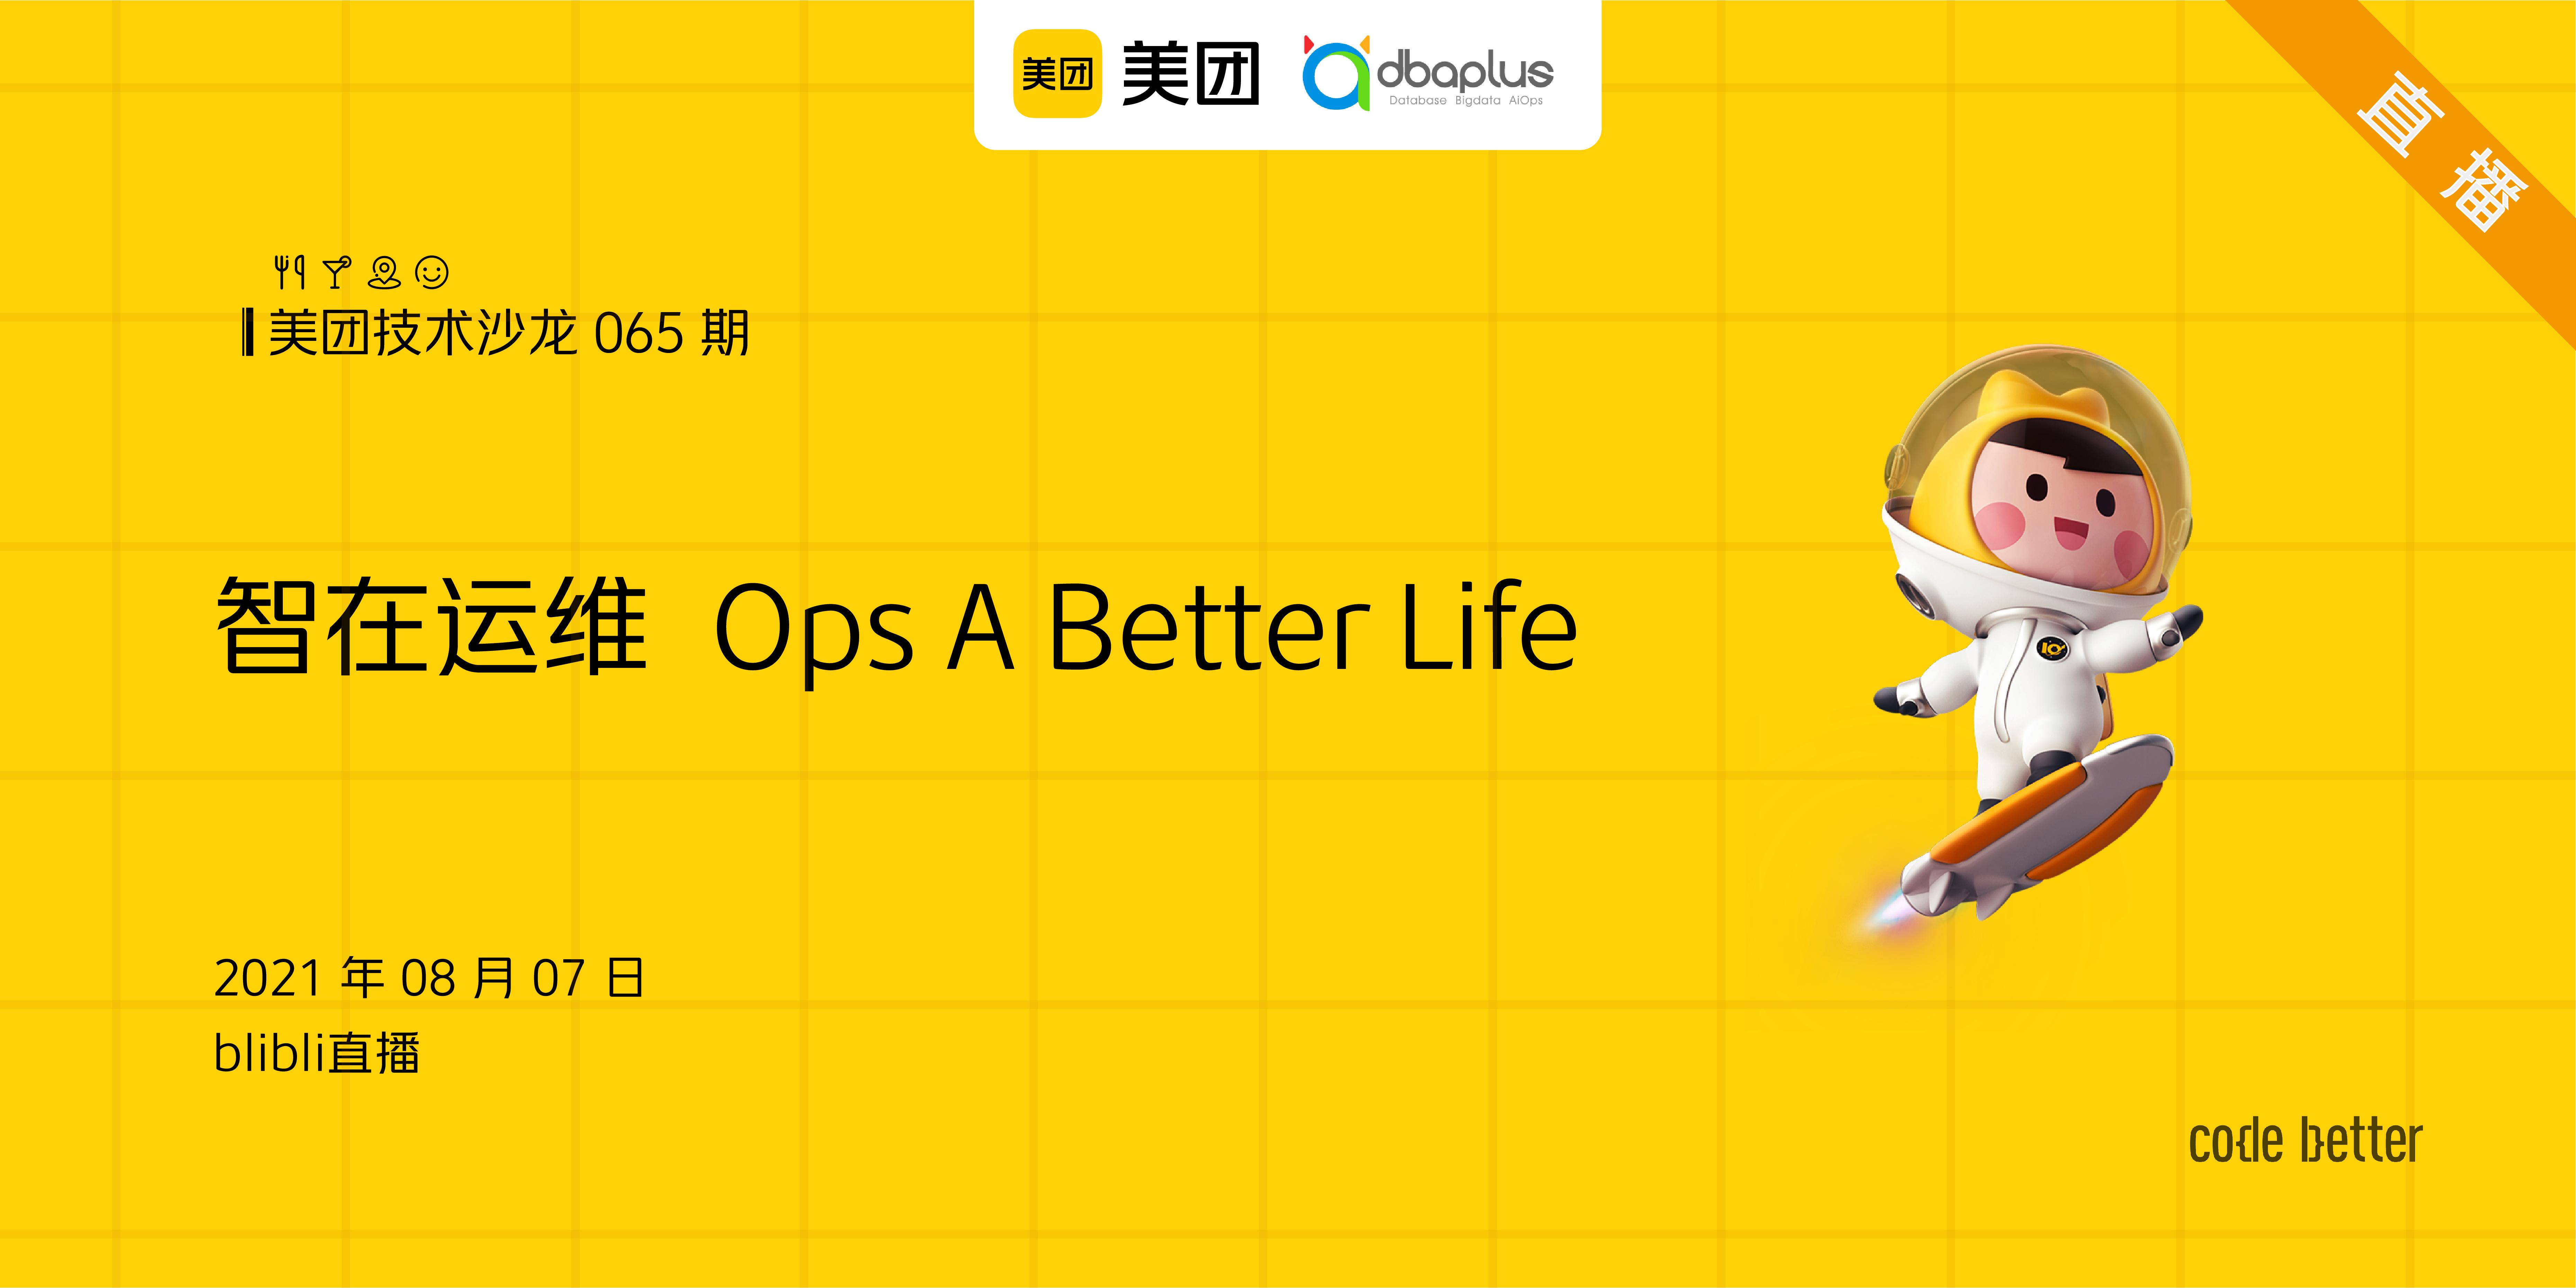 美团技术沙龙第65期:智在运维 Ops A Better Life